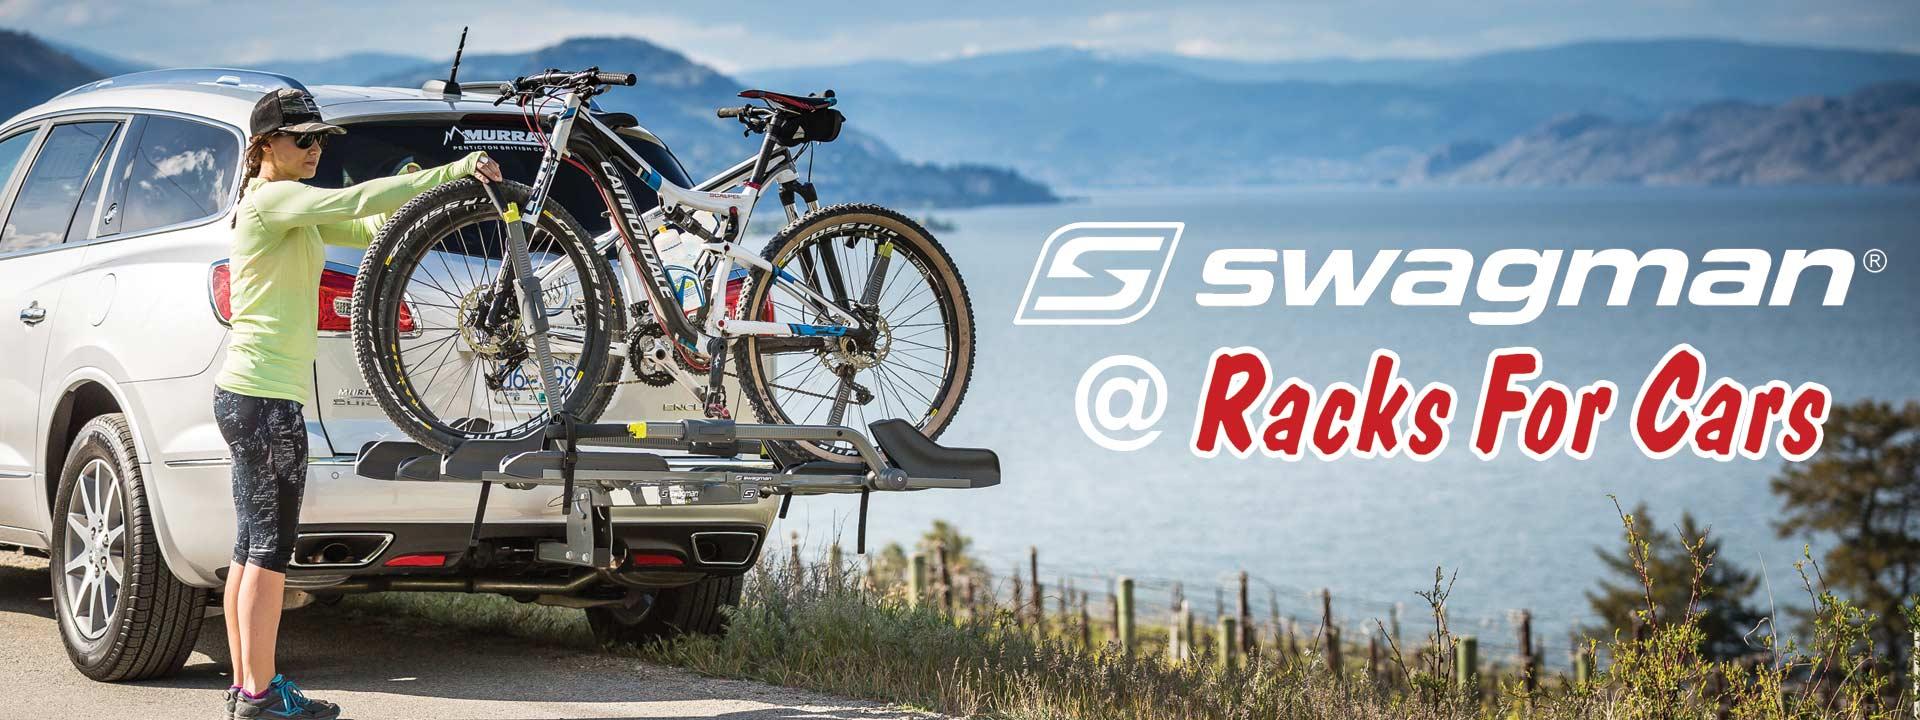 swagman bike racks edmonton alberta